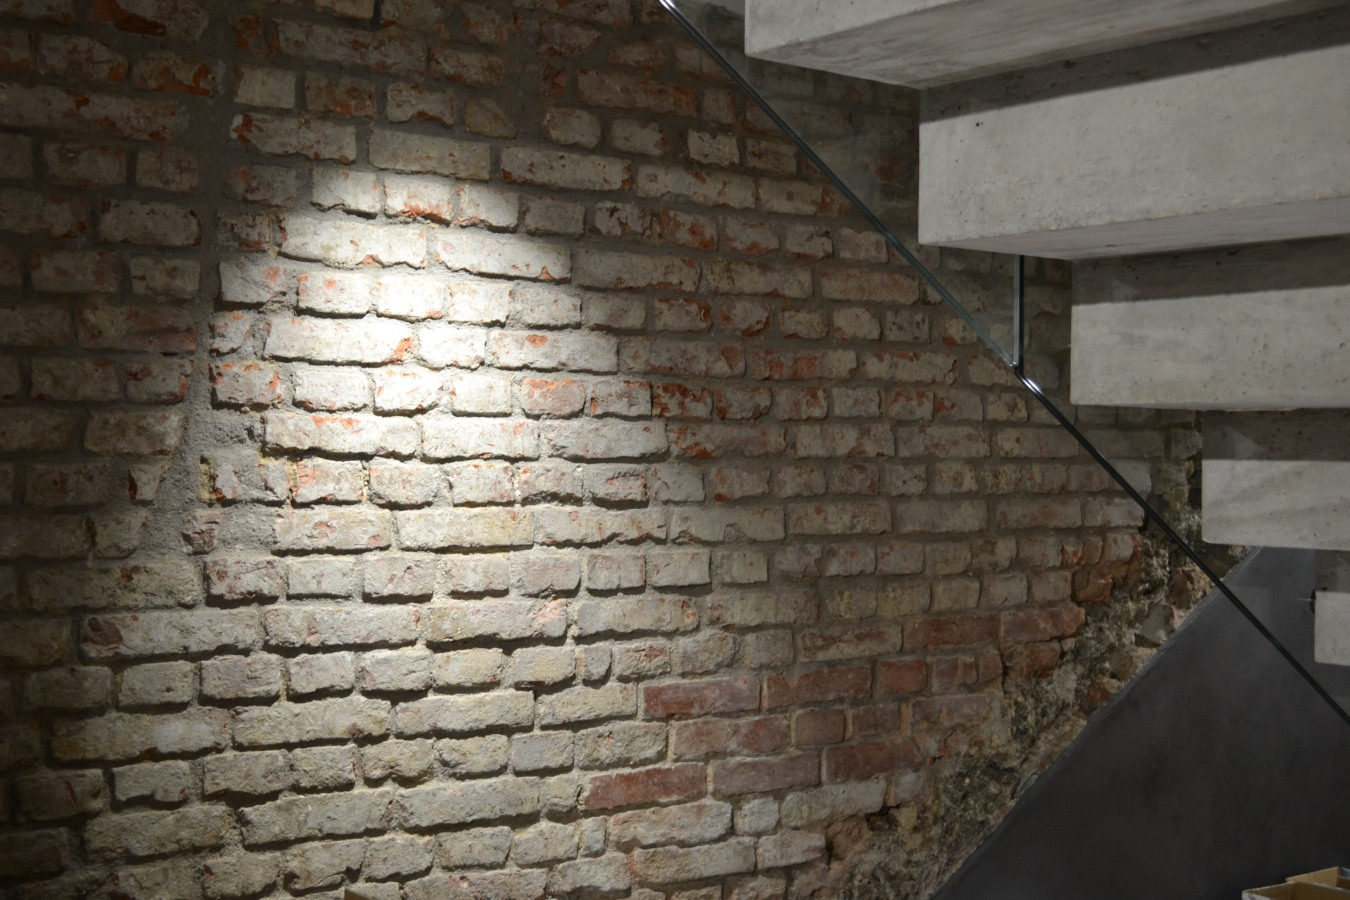 Studio Sokolovská v Praze změněno na Centrum Křižíkova slide 2